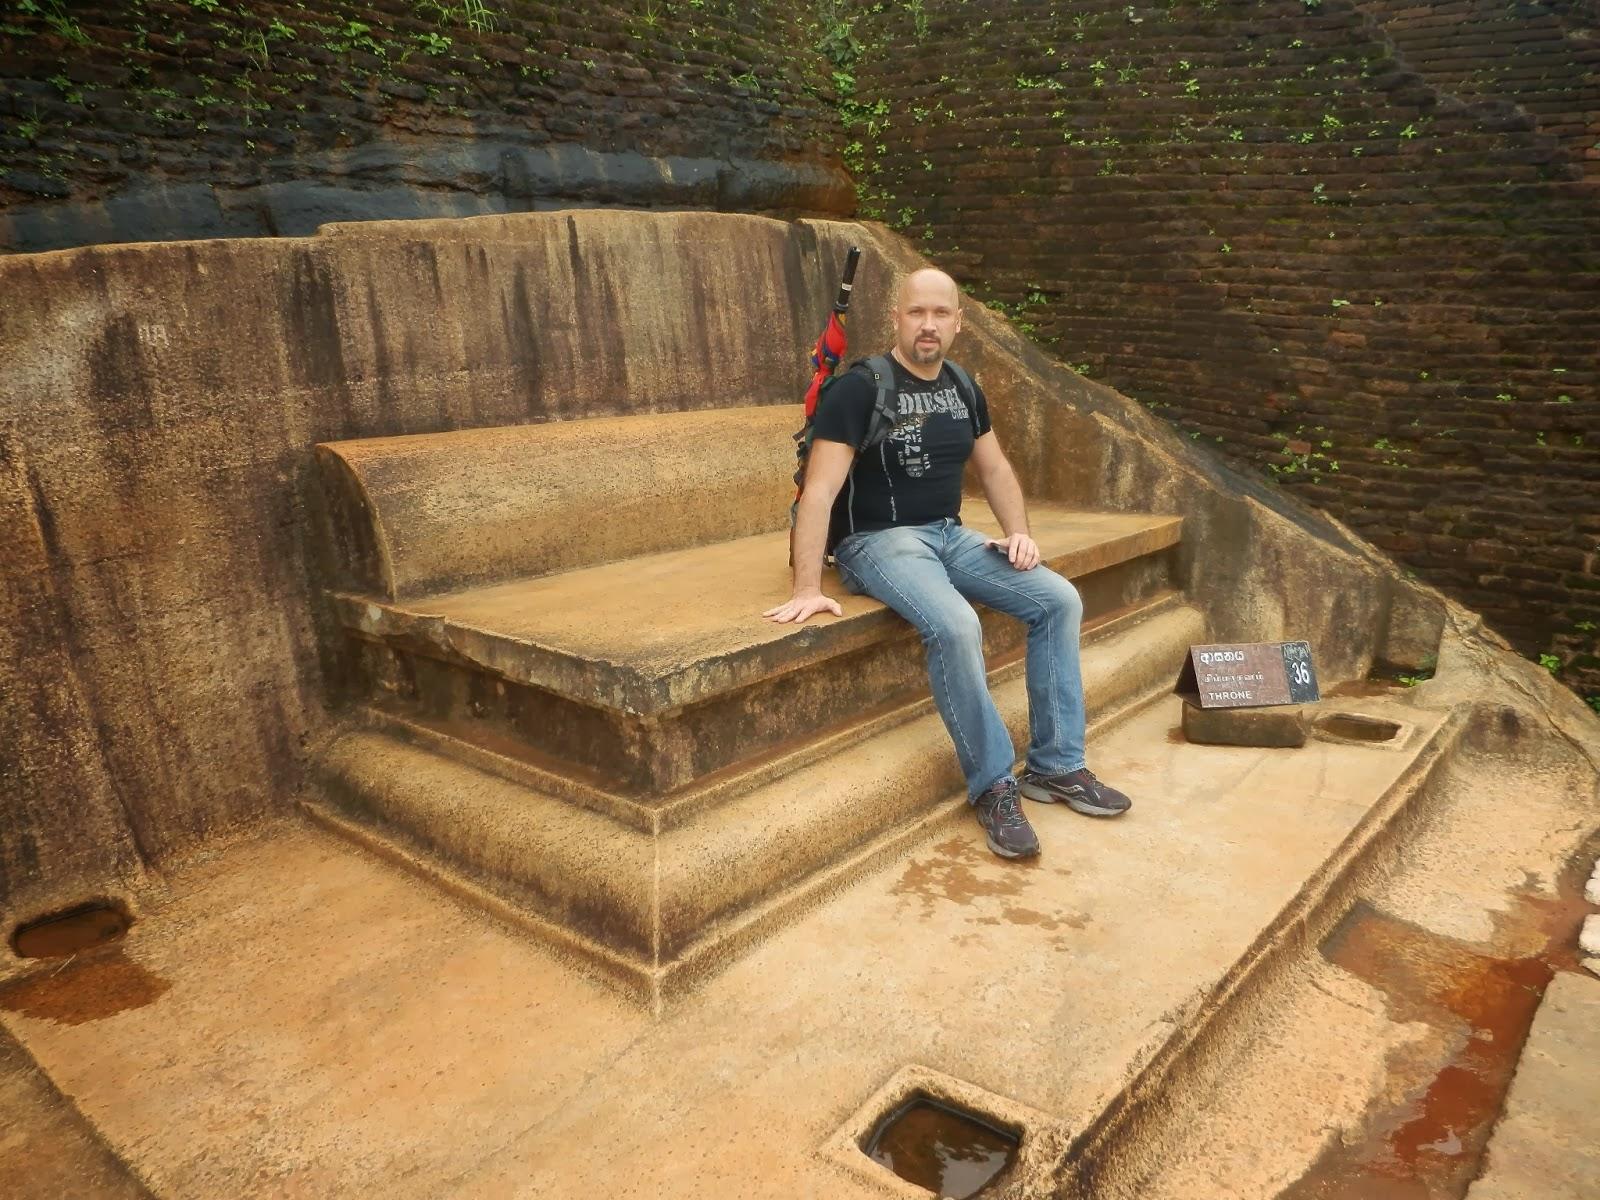 Каменный трон короля на вершине Сигирии, целиком вырезанный в граните скалы, садовая скамейка на самом деле Каменный трон короля на вершине Сигирии, целиком вырезанный в граните скалы, садовая скамейка на самом деле Каменный трон короля на вершине Сигирии, целиком вырезанный в граните скалы, садовая скамейка на самом деле Каменный трон короля на вершине Сигирии, целиком вырезанный в граните скалы, садовая скамейка на самом деле Каменный трон короля на вершине Сигирии, целиком вырезанный в граните скалы, садовая скамейка на самом деле Каменный трон короля на вершине Сигирии, целиком вырезанный в граните скалы, садовая скамейка на самом деле Каменный трон короля на вершине Сигирии, целиком вырезанный в граните скалы, садовая скамейка на самом деле Каменный трон короля на вершине Сигирии, целиком вырезанный в граните скалы, садовая скамейка на самом деле Каменный трон короля на вершине Сигирии, целиком вырезанный в граните скалы, садовая скамейка на самом деле